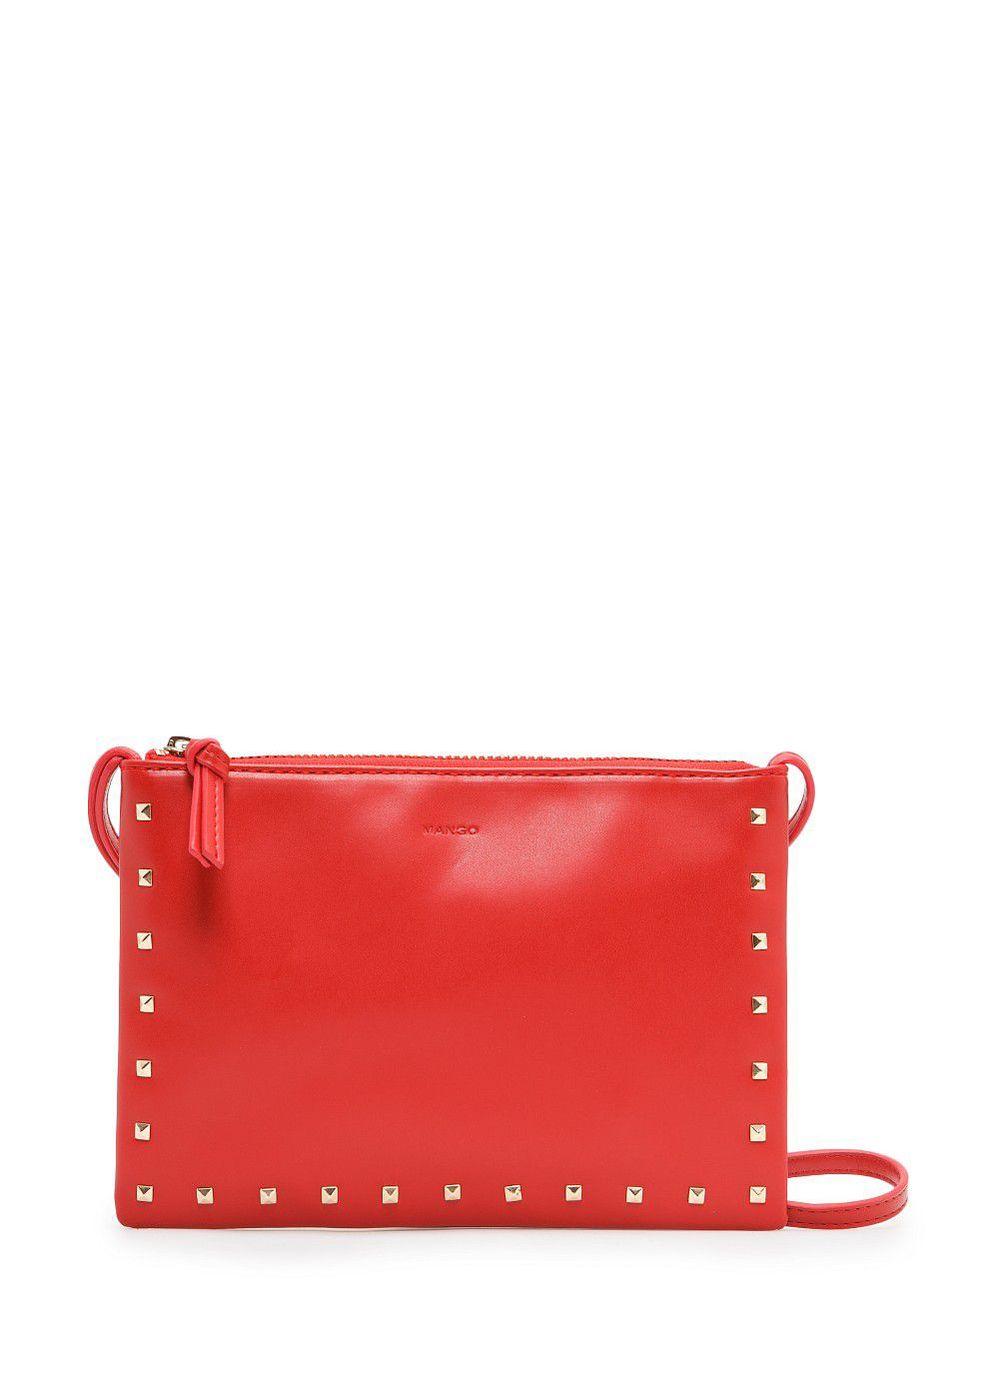 MANGO   red studded shoulder bag